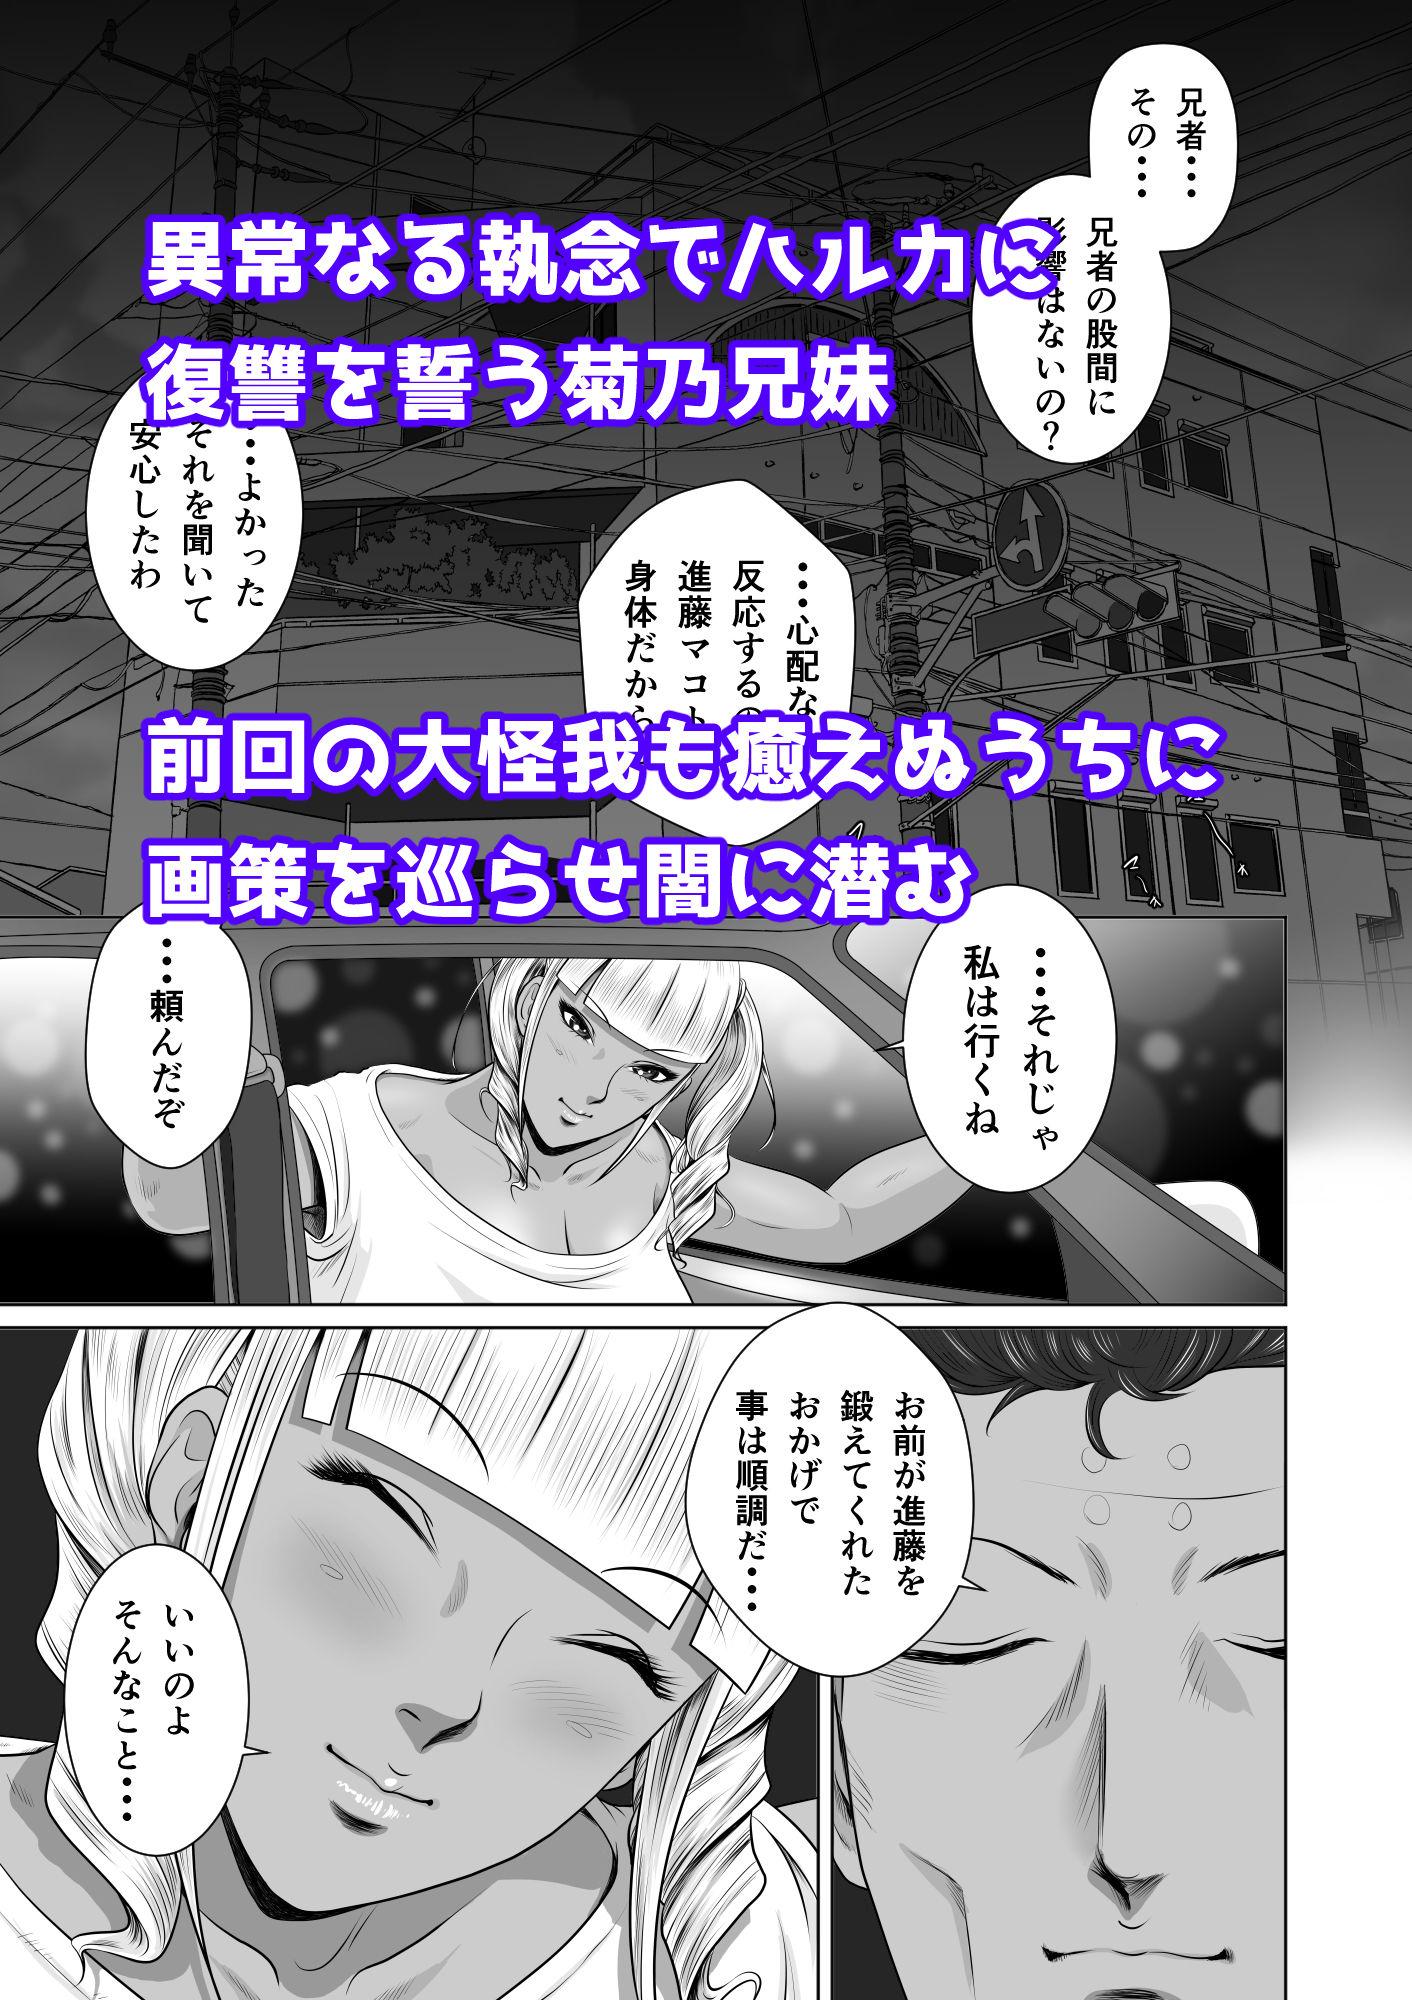 【ハルカ 同人】寝取られ幼なじみハルカちゃん危機三発!!